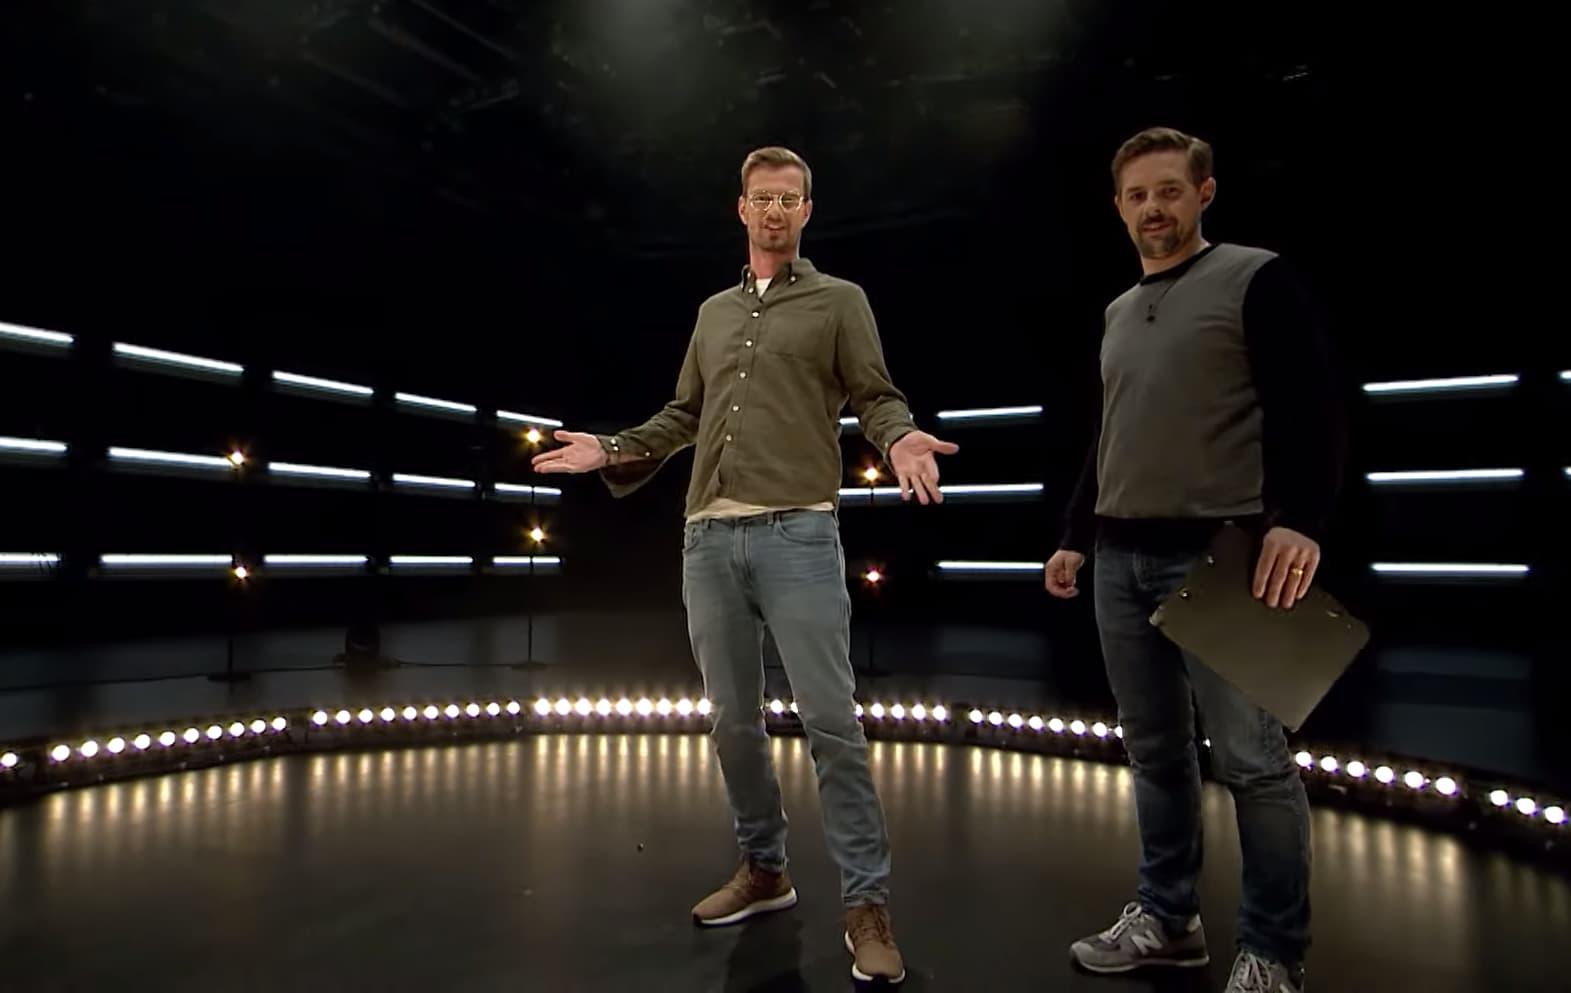 Joko und Klaas gegen ProSieben | Joko & Klaas Live also 15 Minuten für Seawatch, für Obdachlose und gegen Nazis im TV